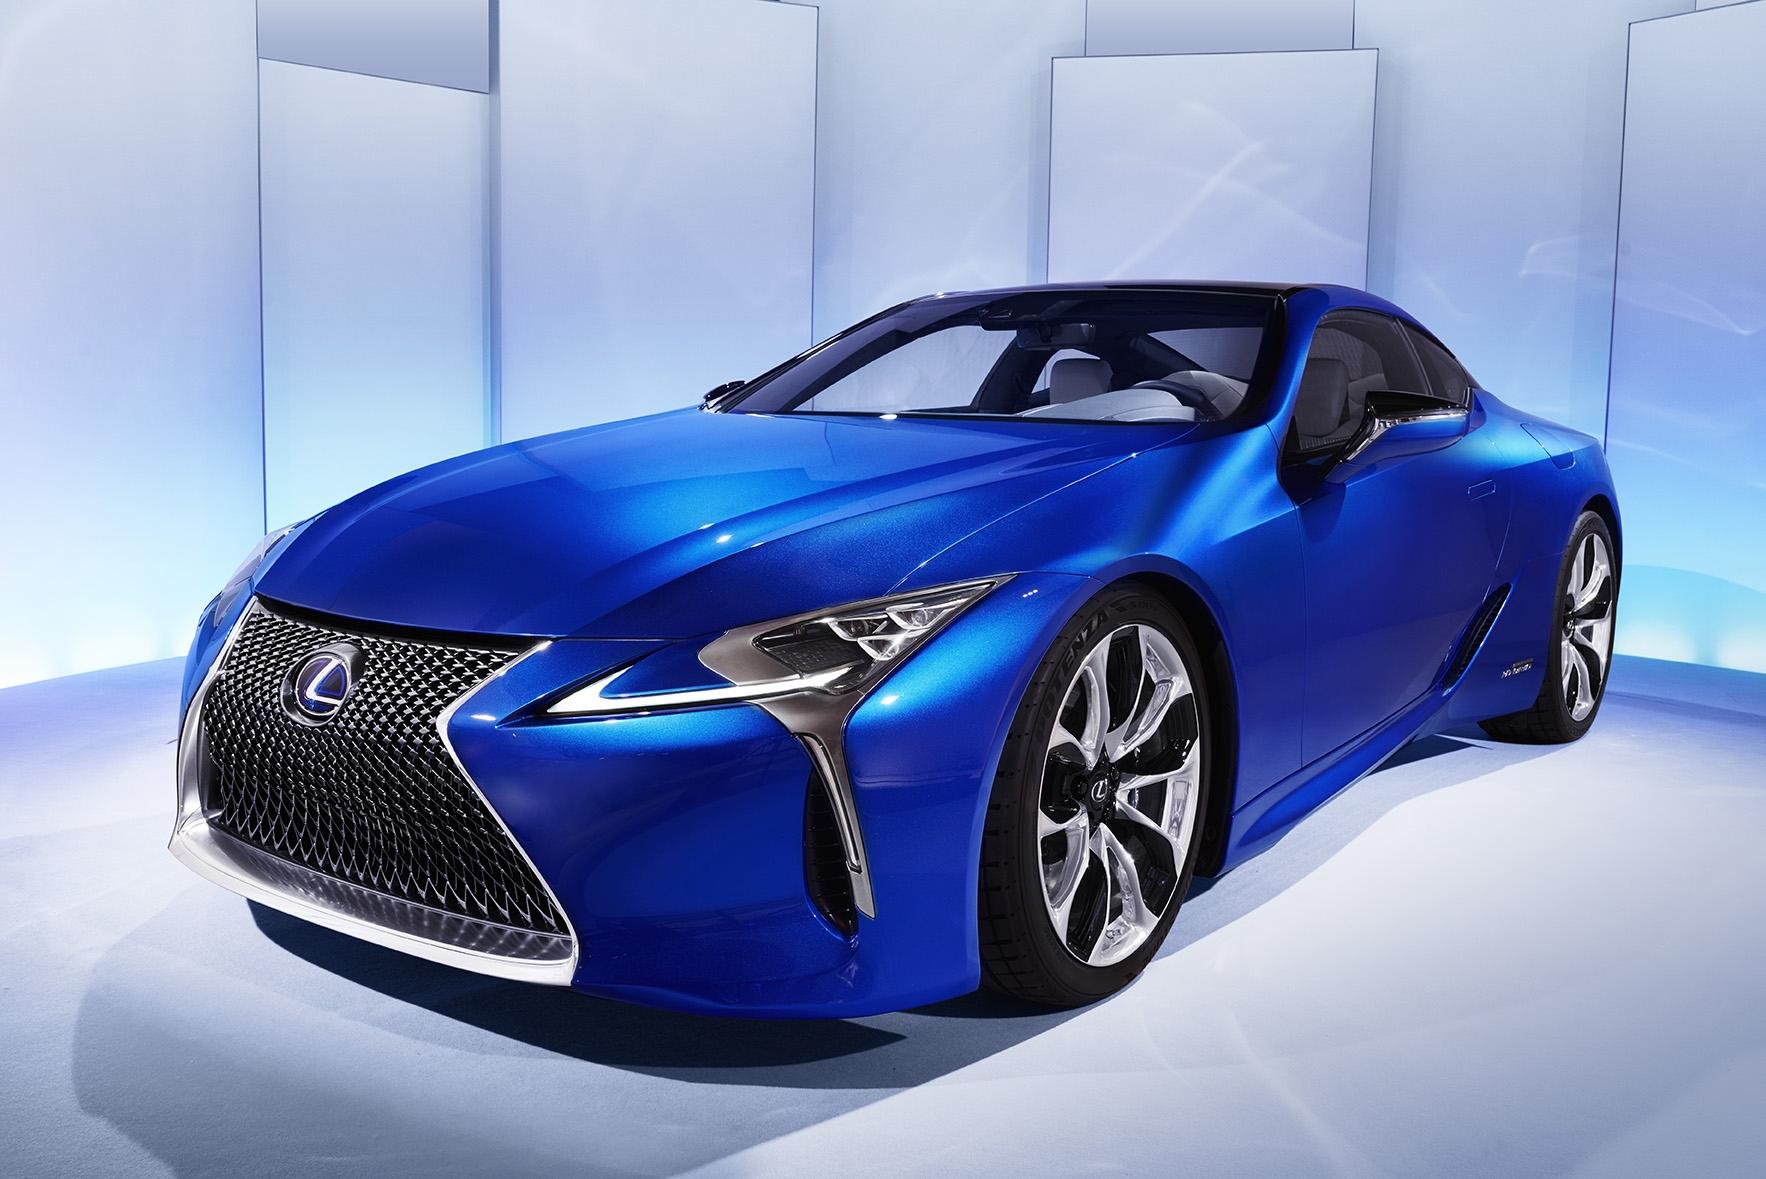 Pr 233 Sentation Vid 233 O Lexus Lc500h Quand Hybride Rime